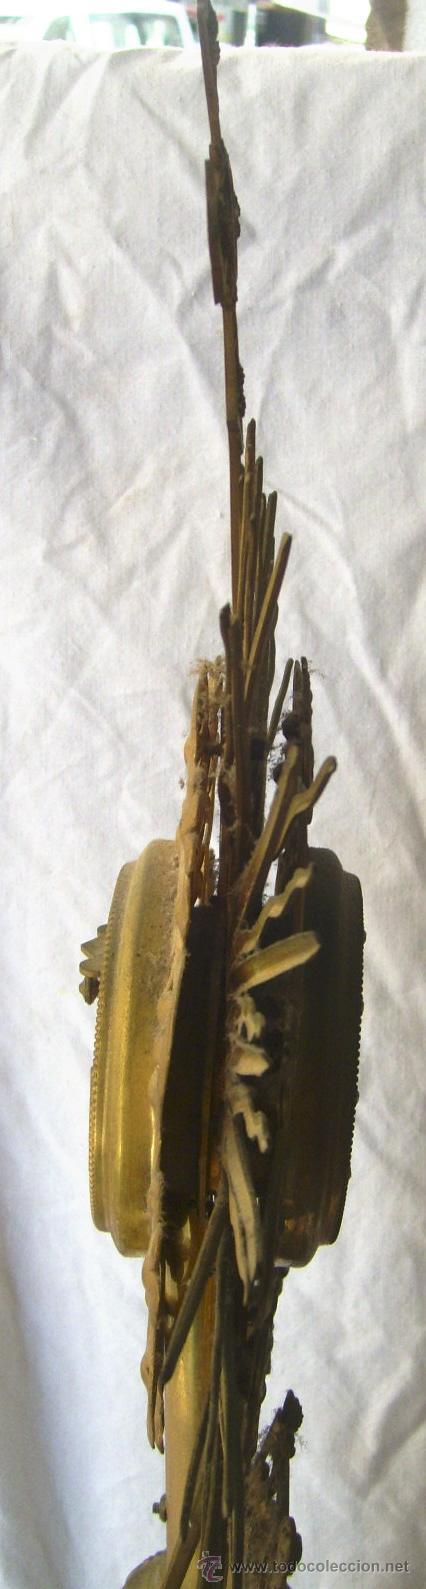 Antigüedades: Custodia / Sagrario/ Relicario, de bronce dorado. Siglo XIX. - Foto 5 - 30003510